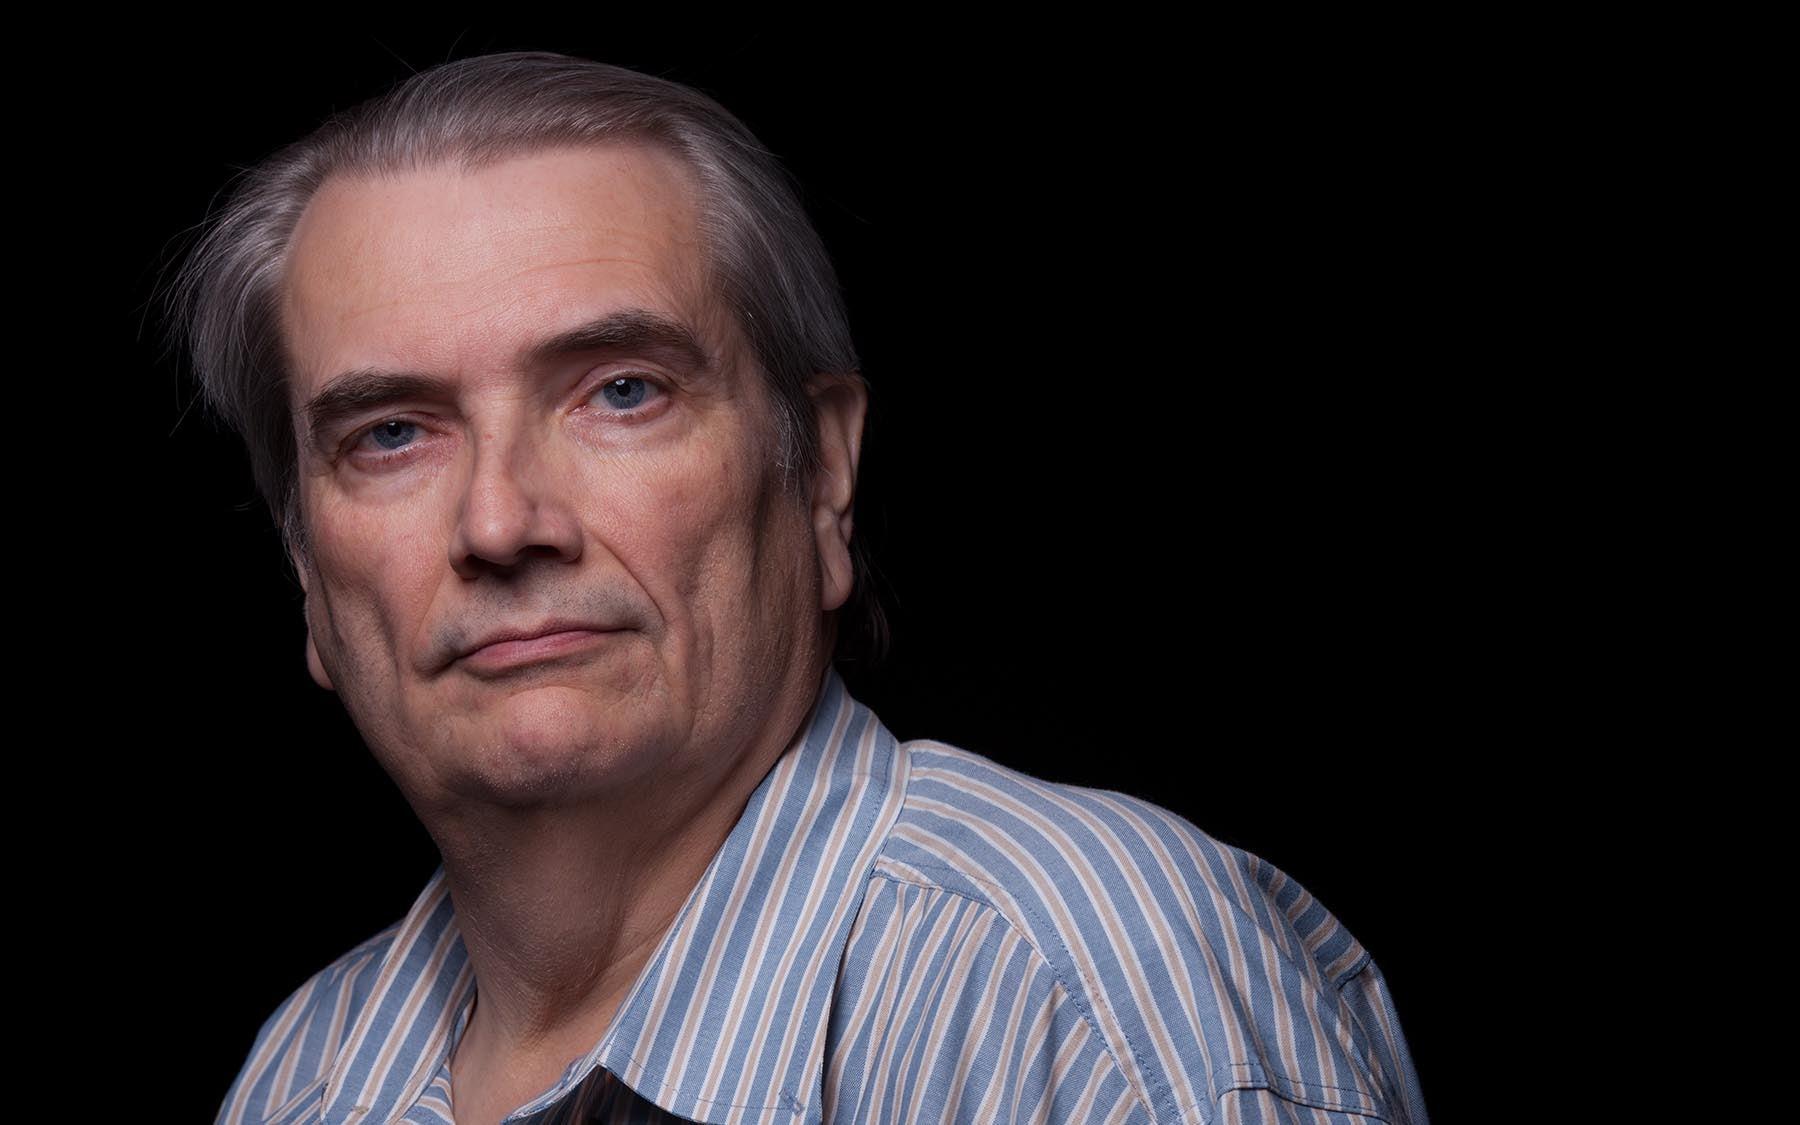 W. Richard McCombie